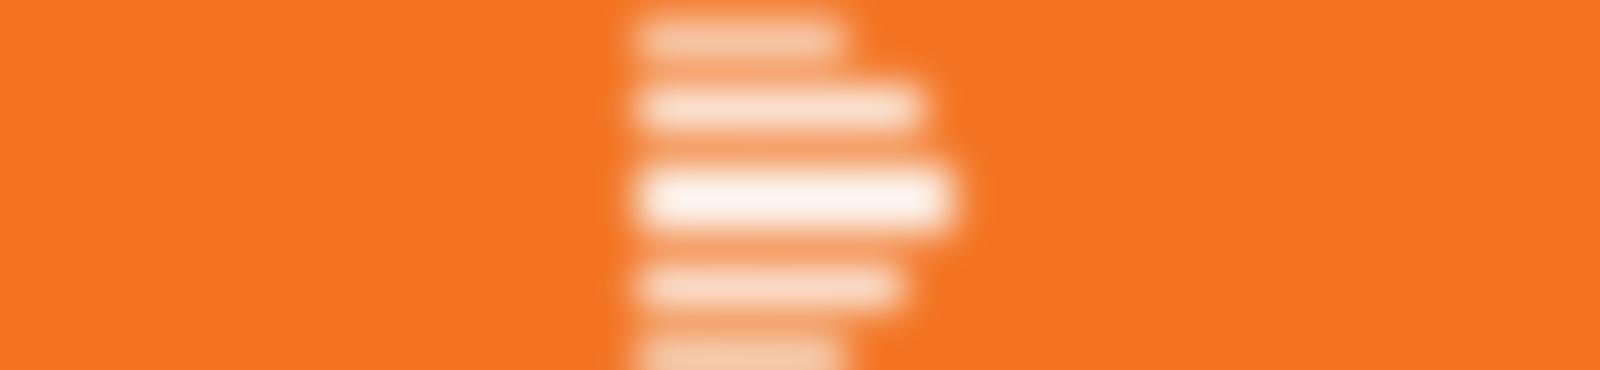 Blurred 39fa1242 3a9d 4889 a251 1a3fd6db66ed